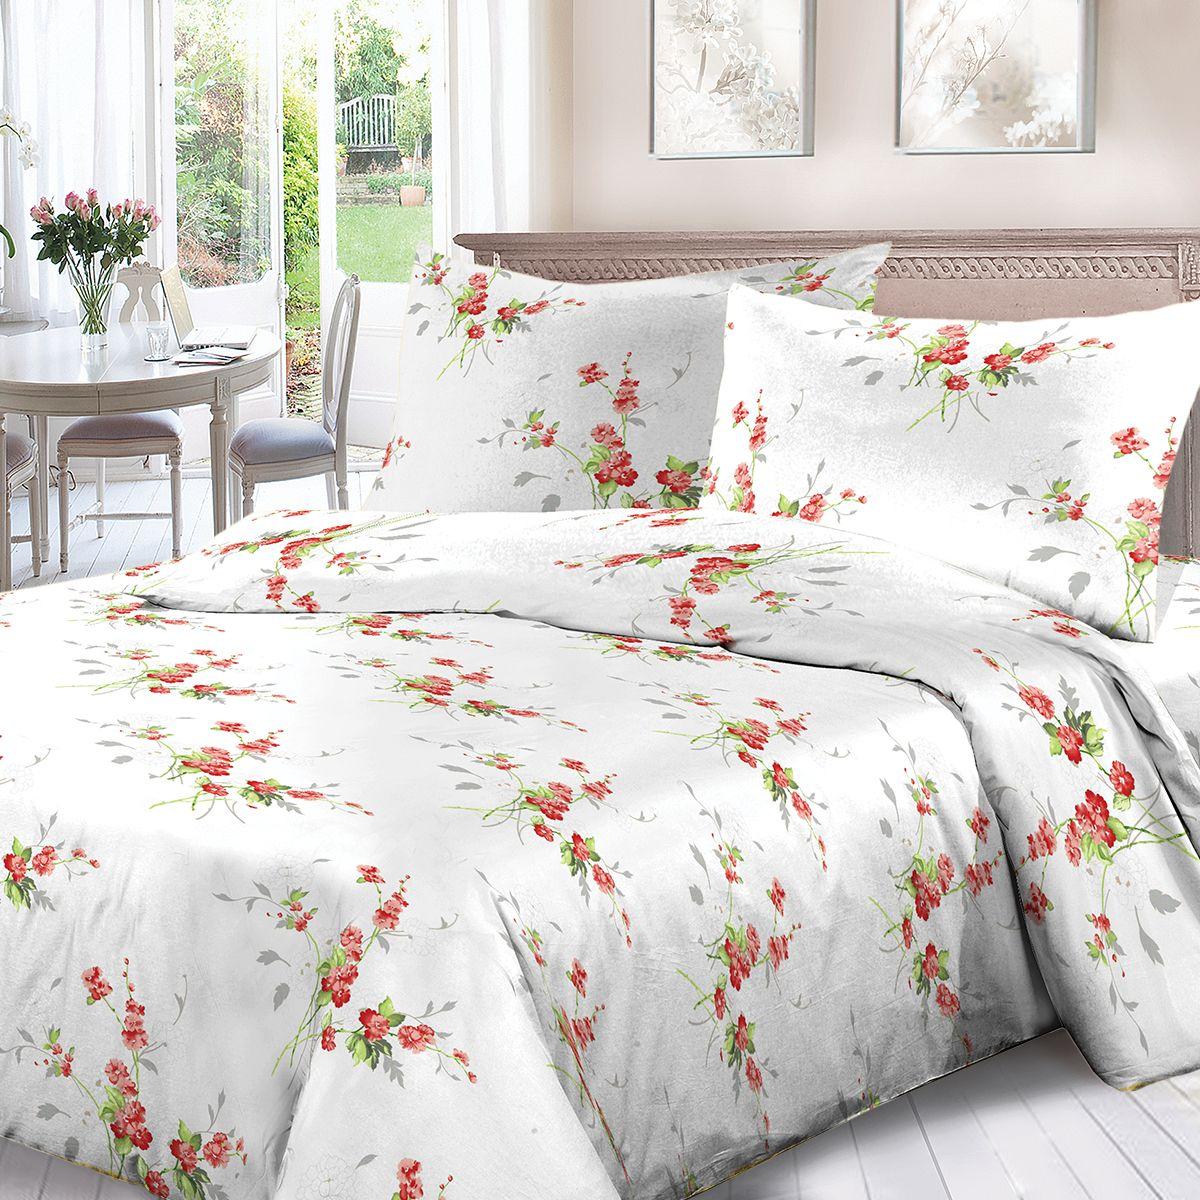 Комплект белья Для Снов Амброзия, 2-х спальное, наволочки 70x70, цвет: белый. 1536-287329